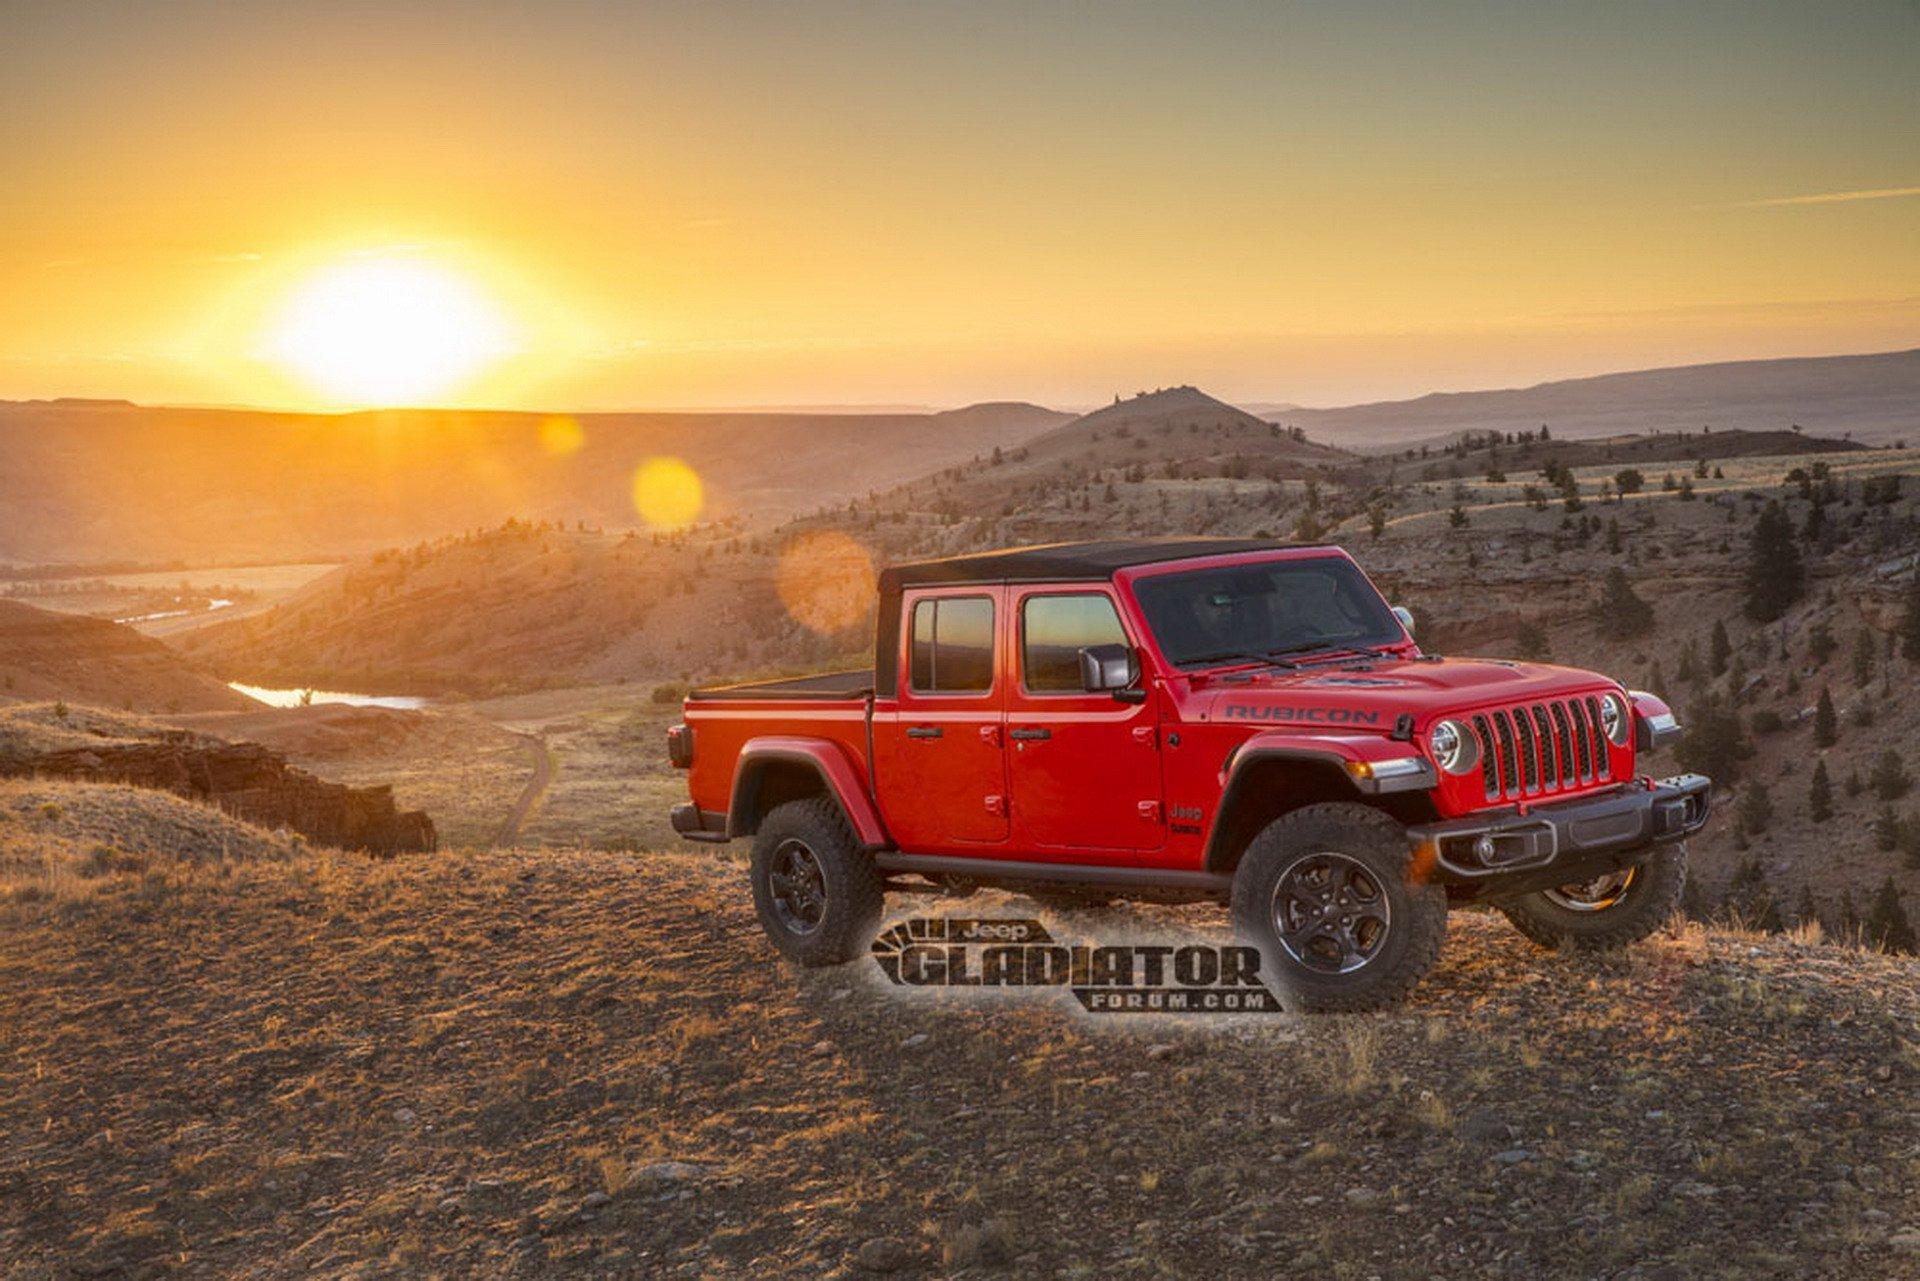 Jeep Gladiator Wrangler Pick Up Dm 5